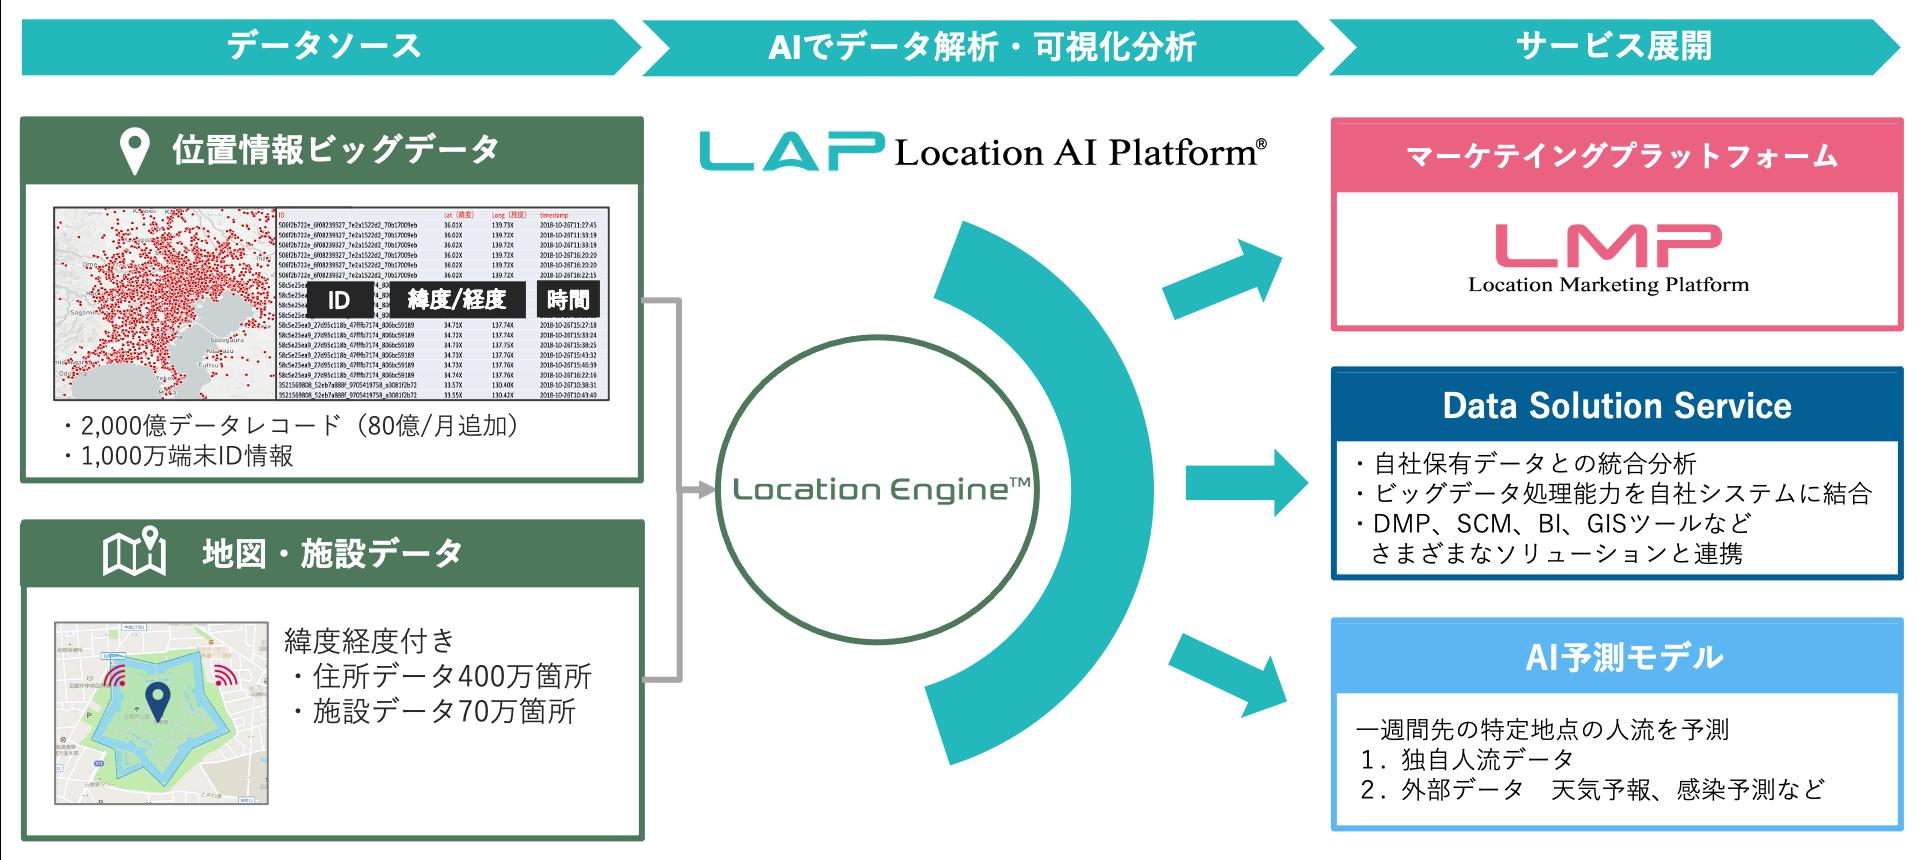 Location Engine™を活用したビジネスソリューション